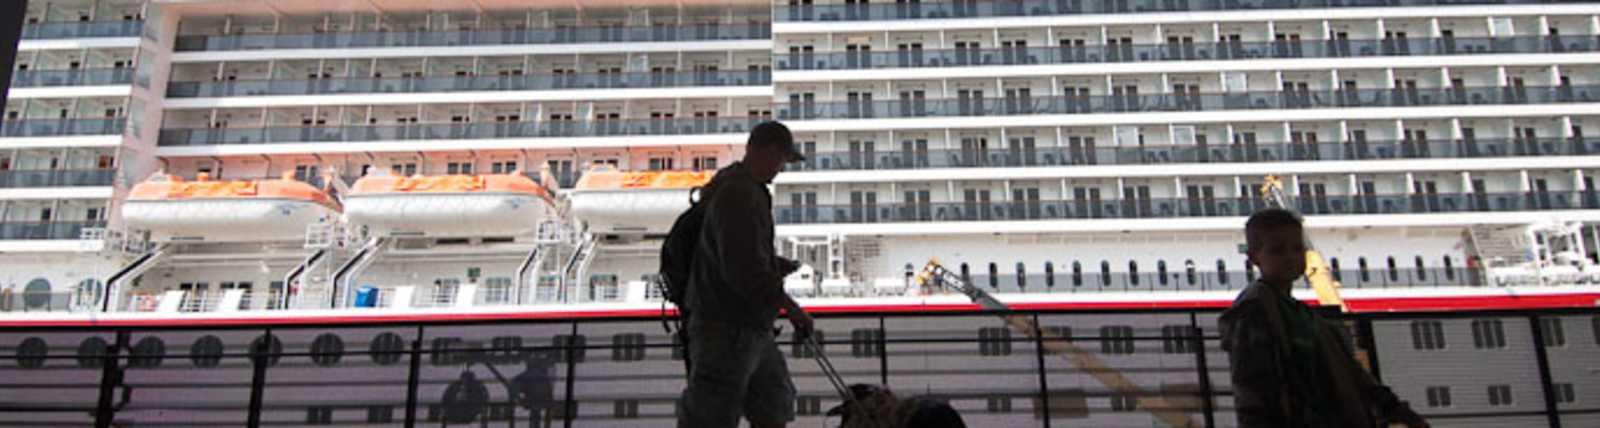 Smith Cove Cruise Terminal - Pier 91